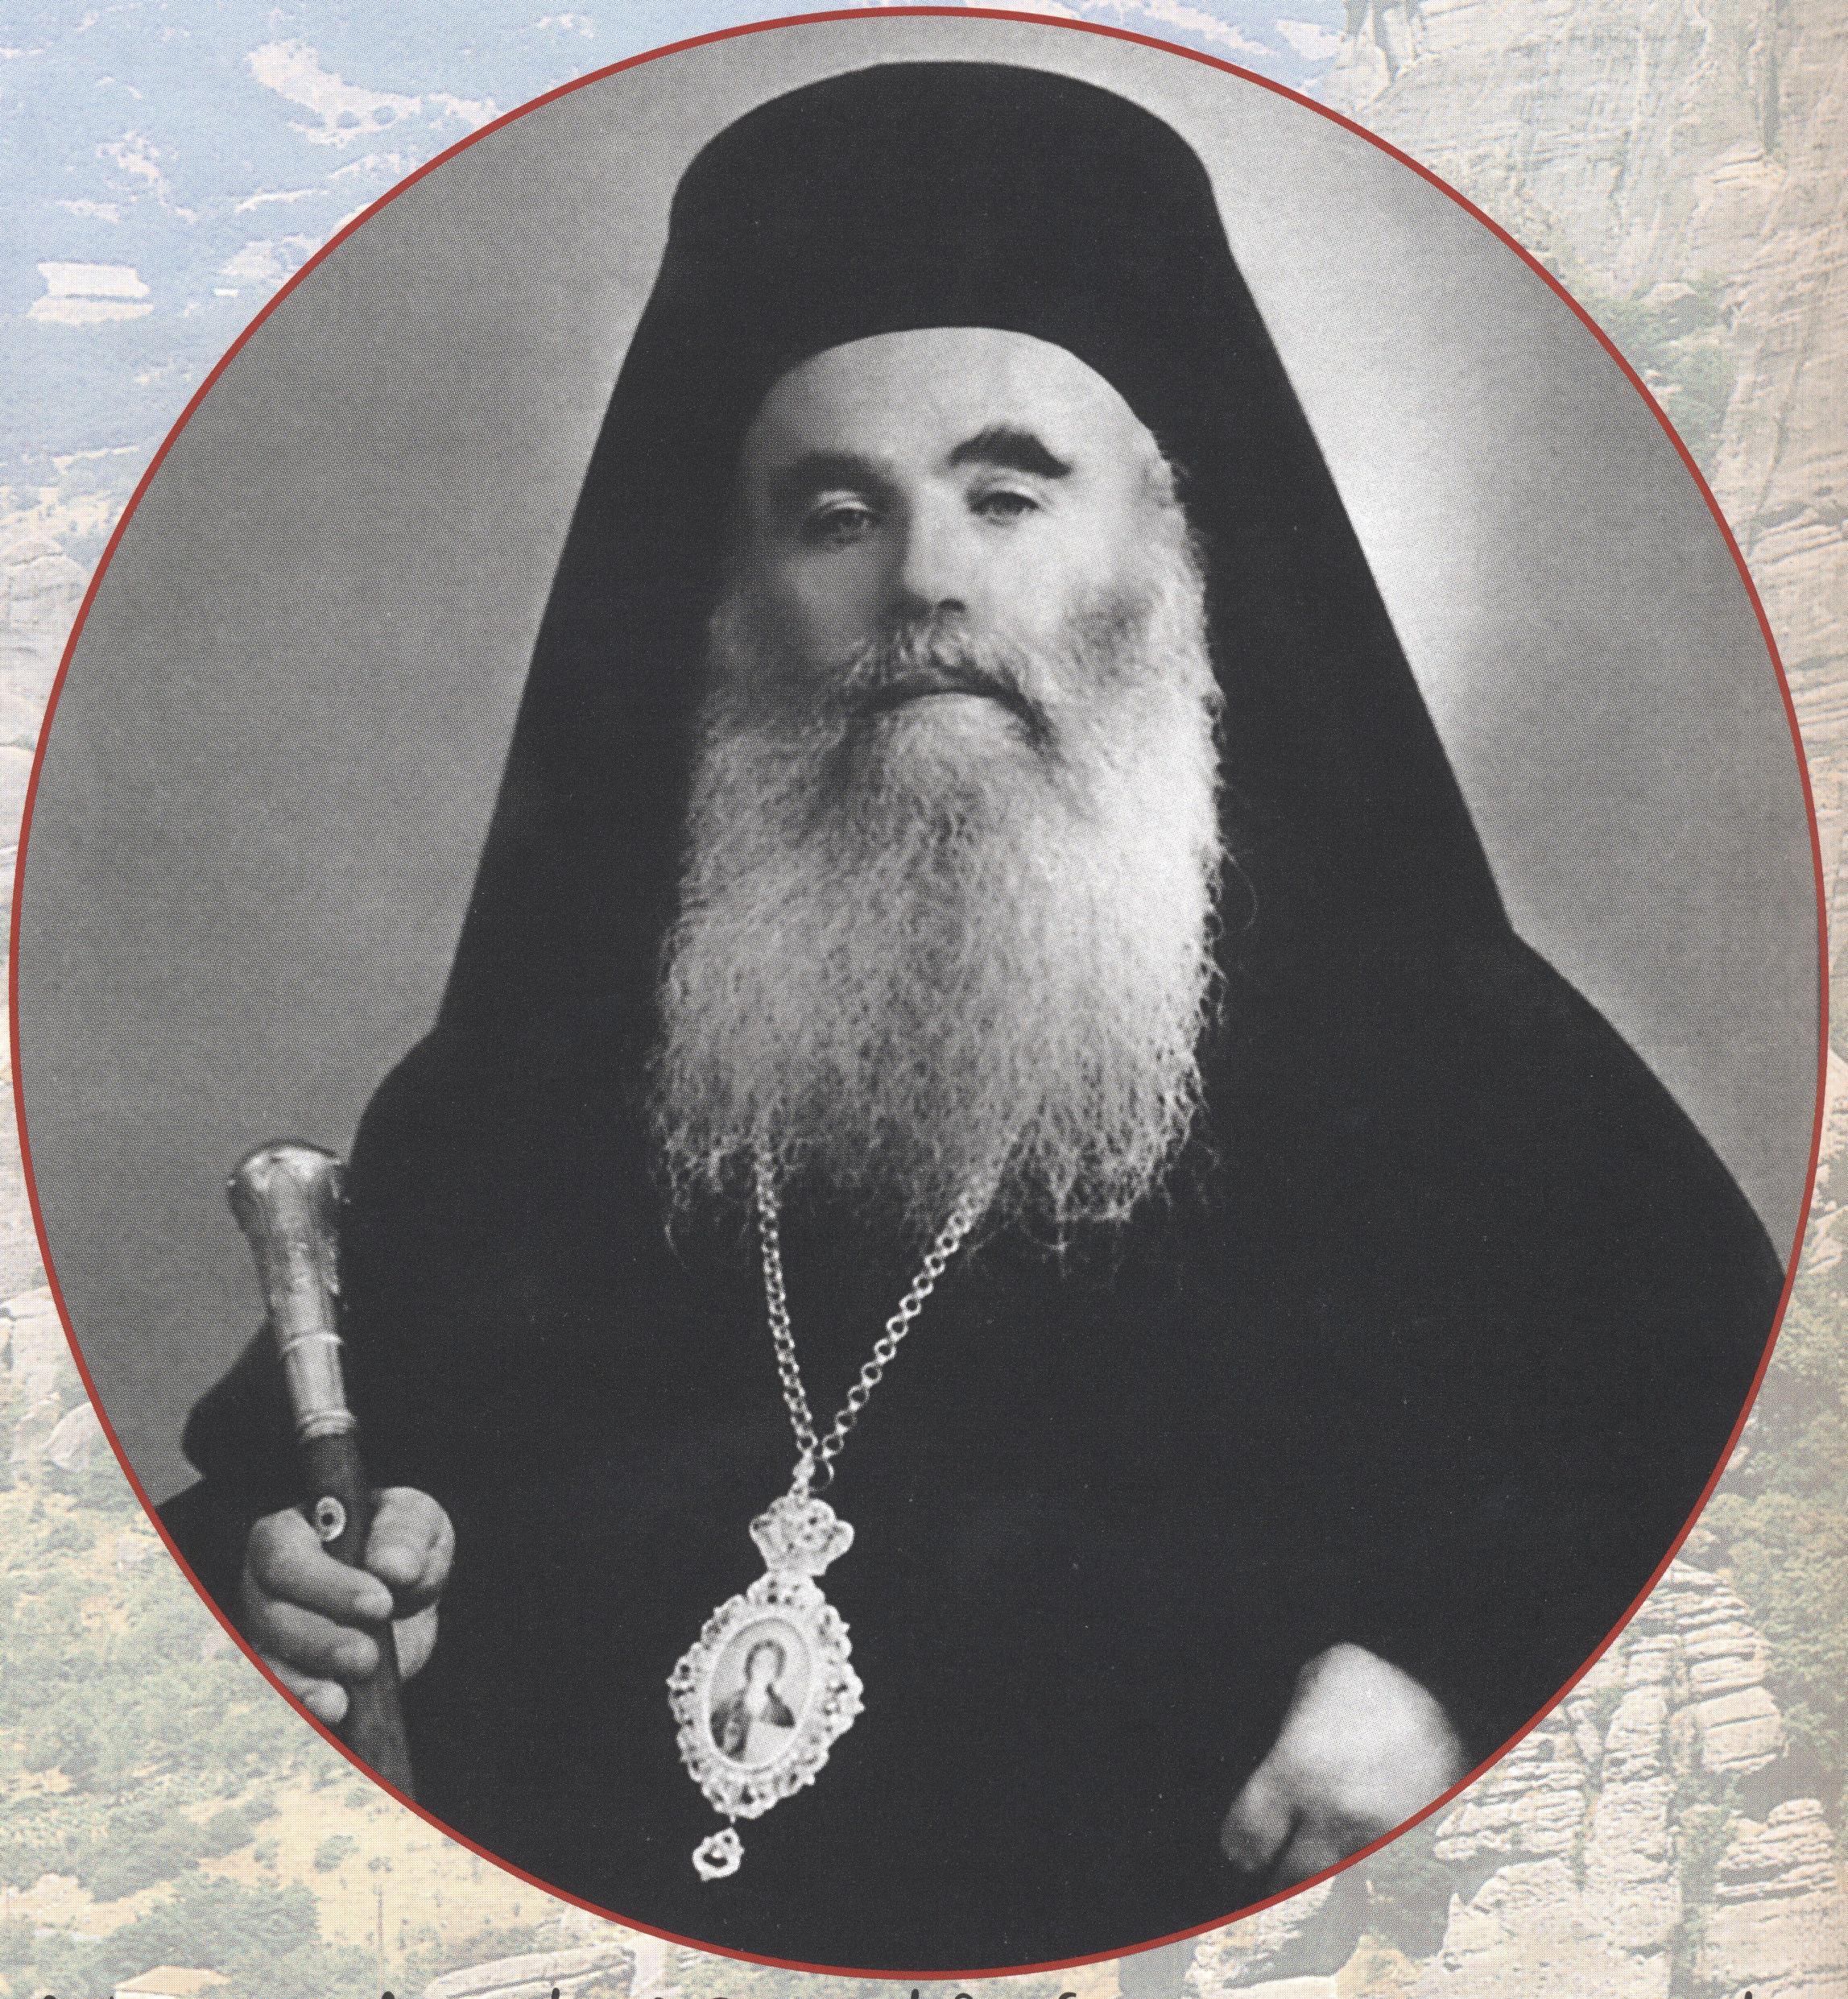 Ο Μητροπολίτης Τρίκκης και Σταγών κυρός Διονύσιος (1907-1970).